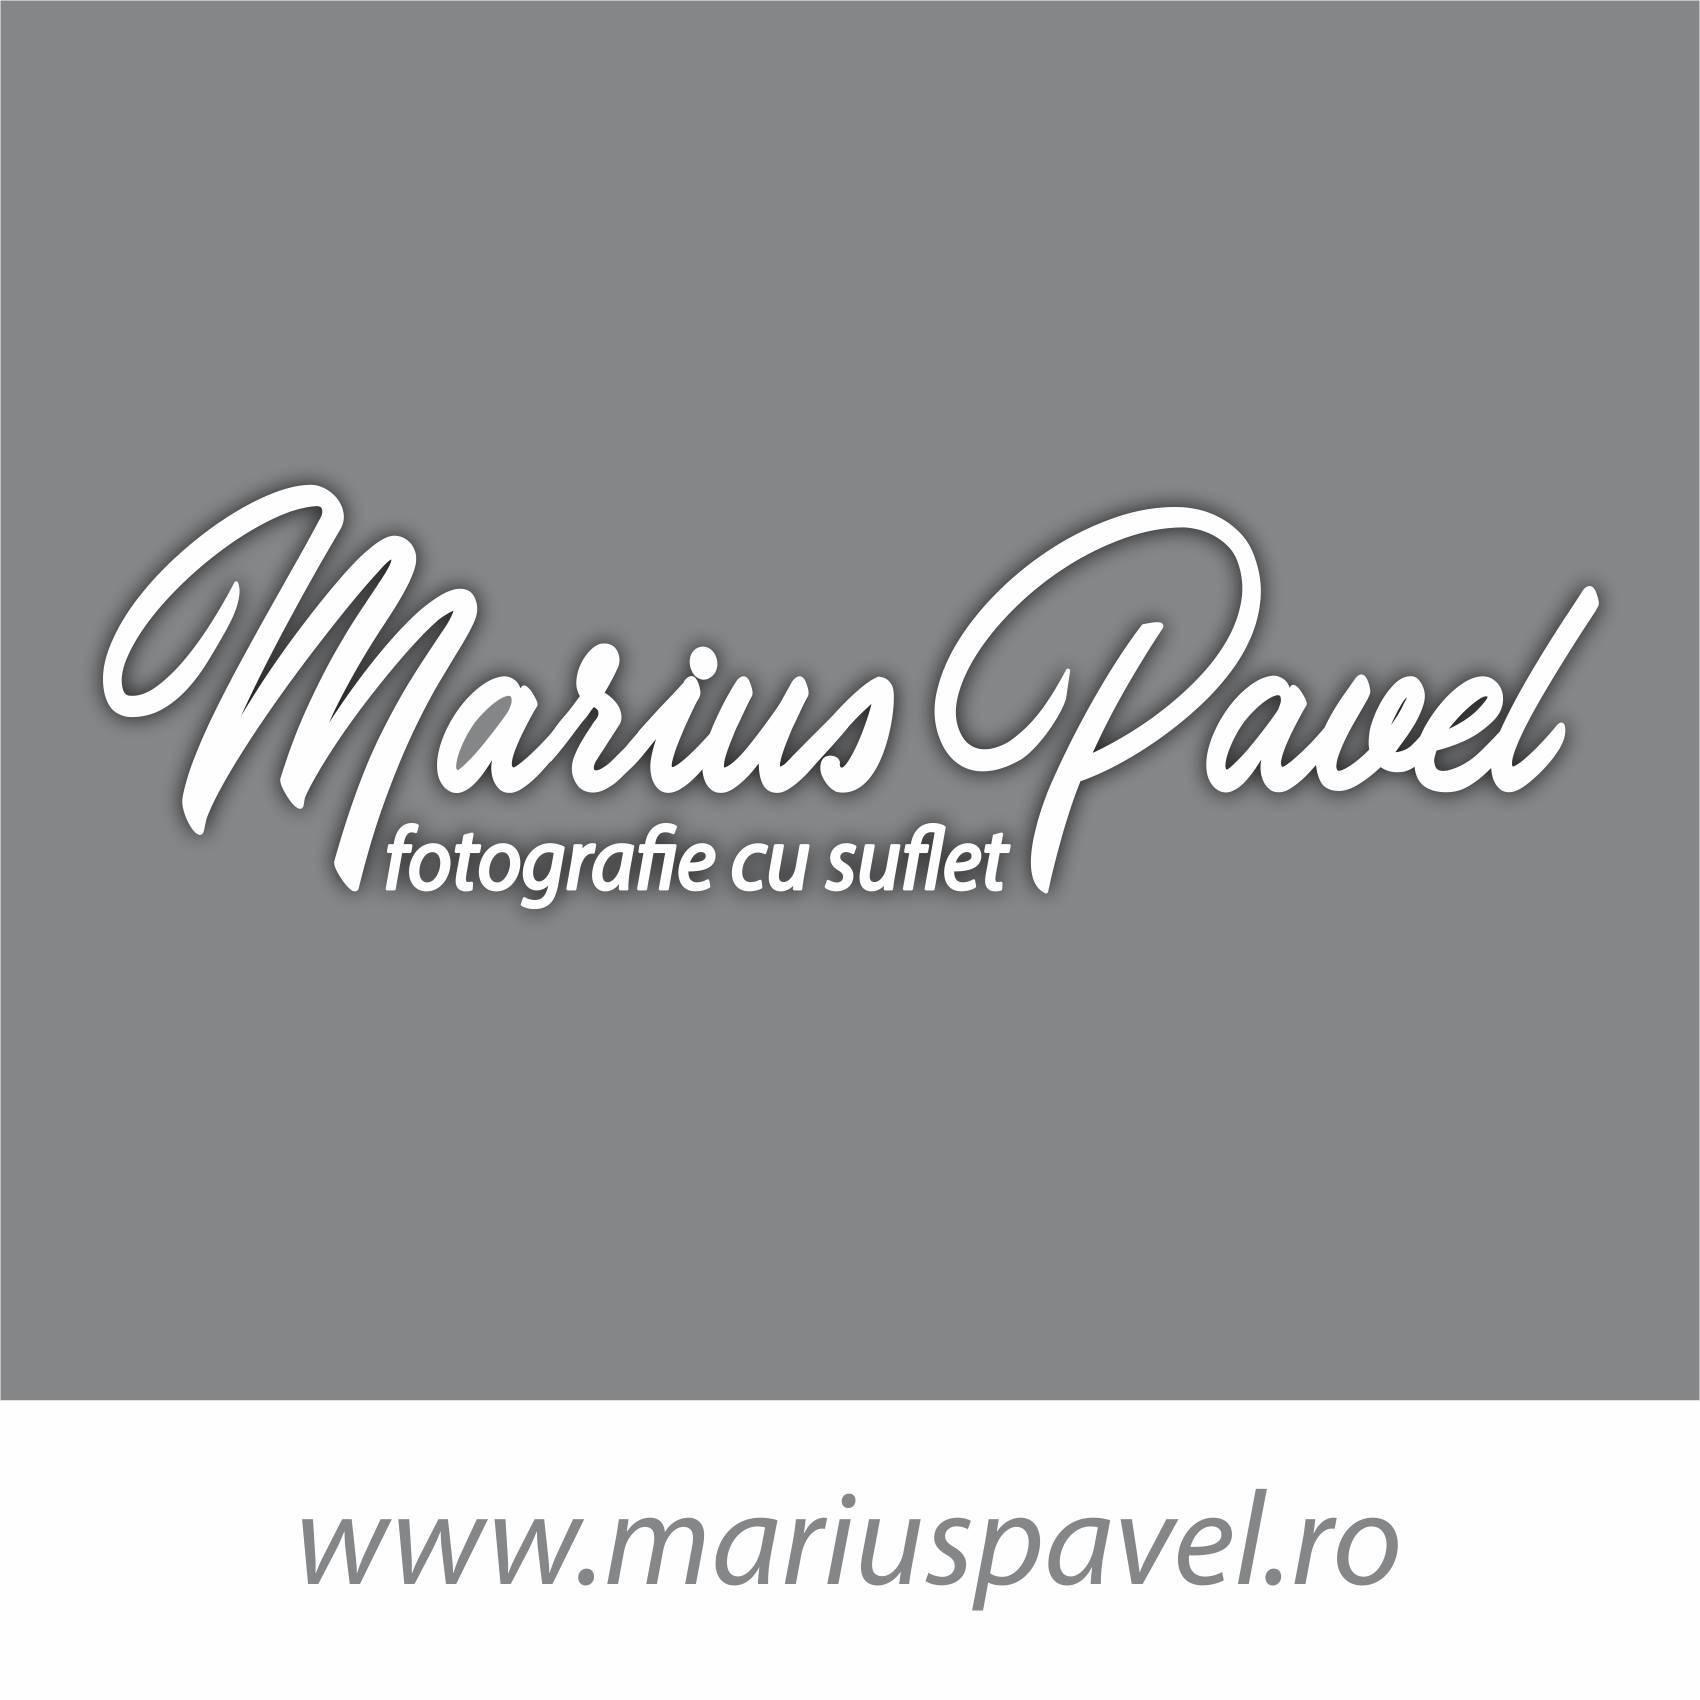 Marius Pavel